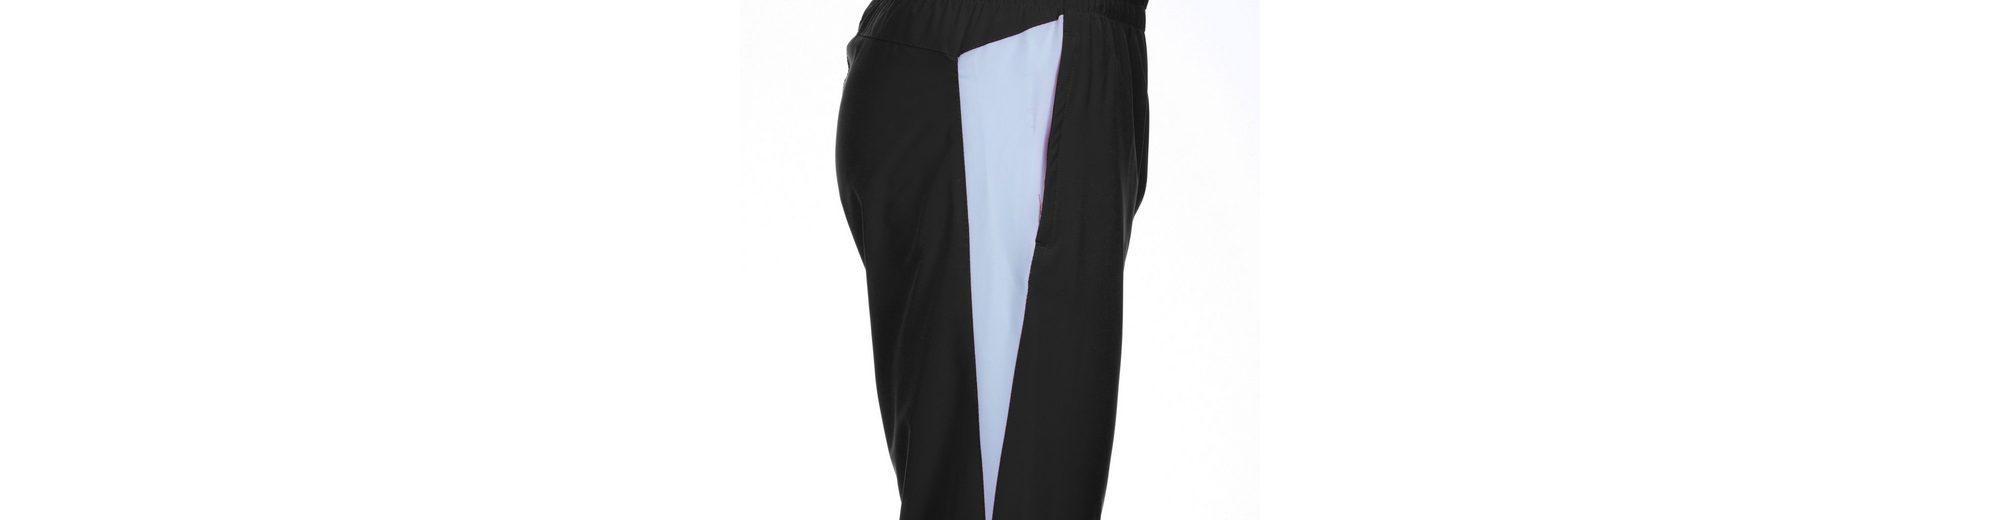 ERIMA Premium One Präsentationshose Herren Spielraum-Shop Preise In Deutschland Kxn72l